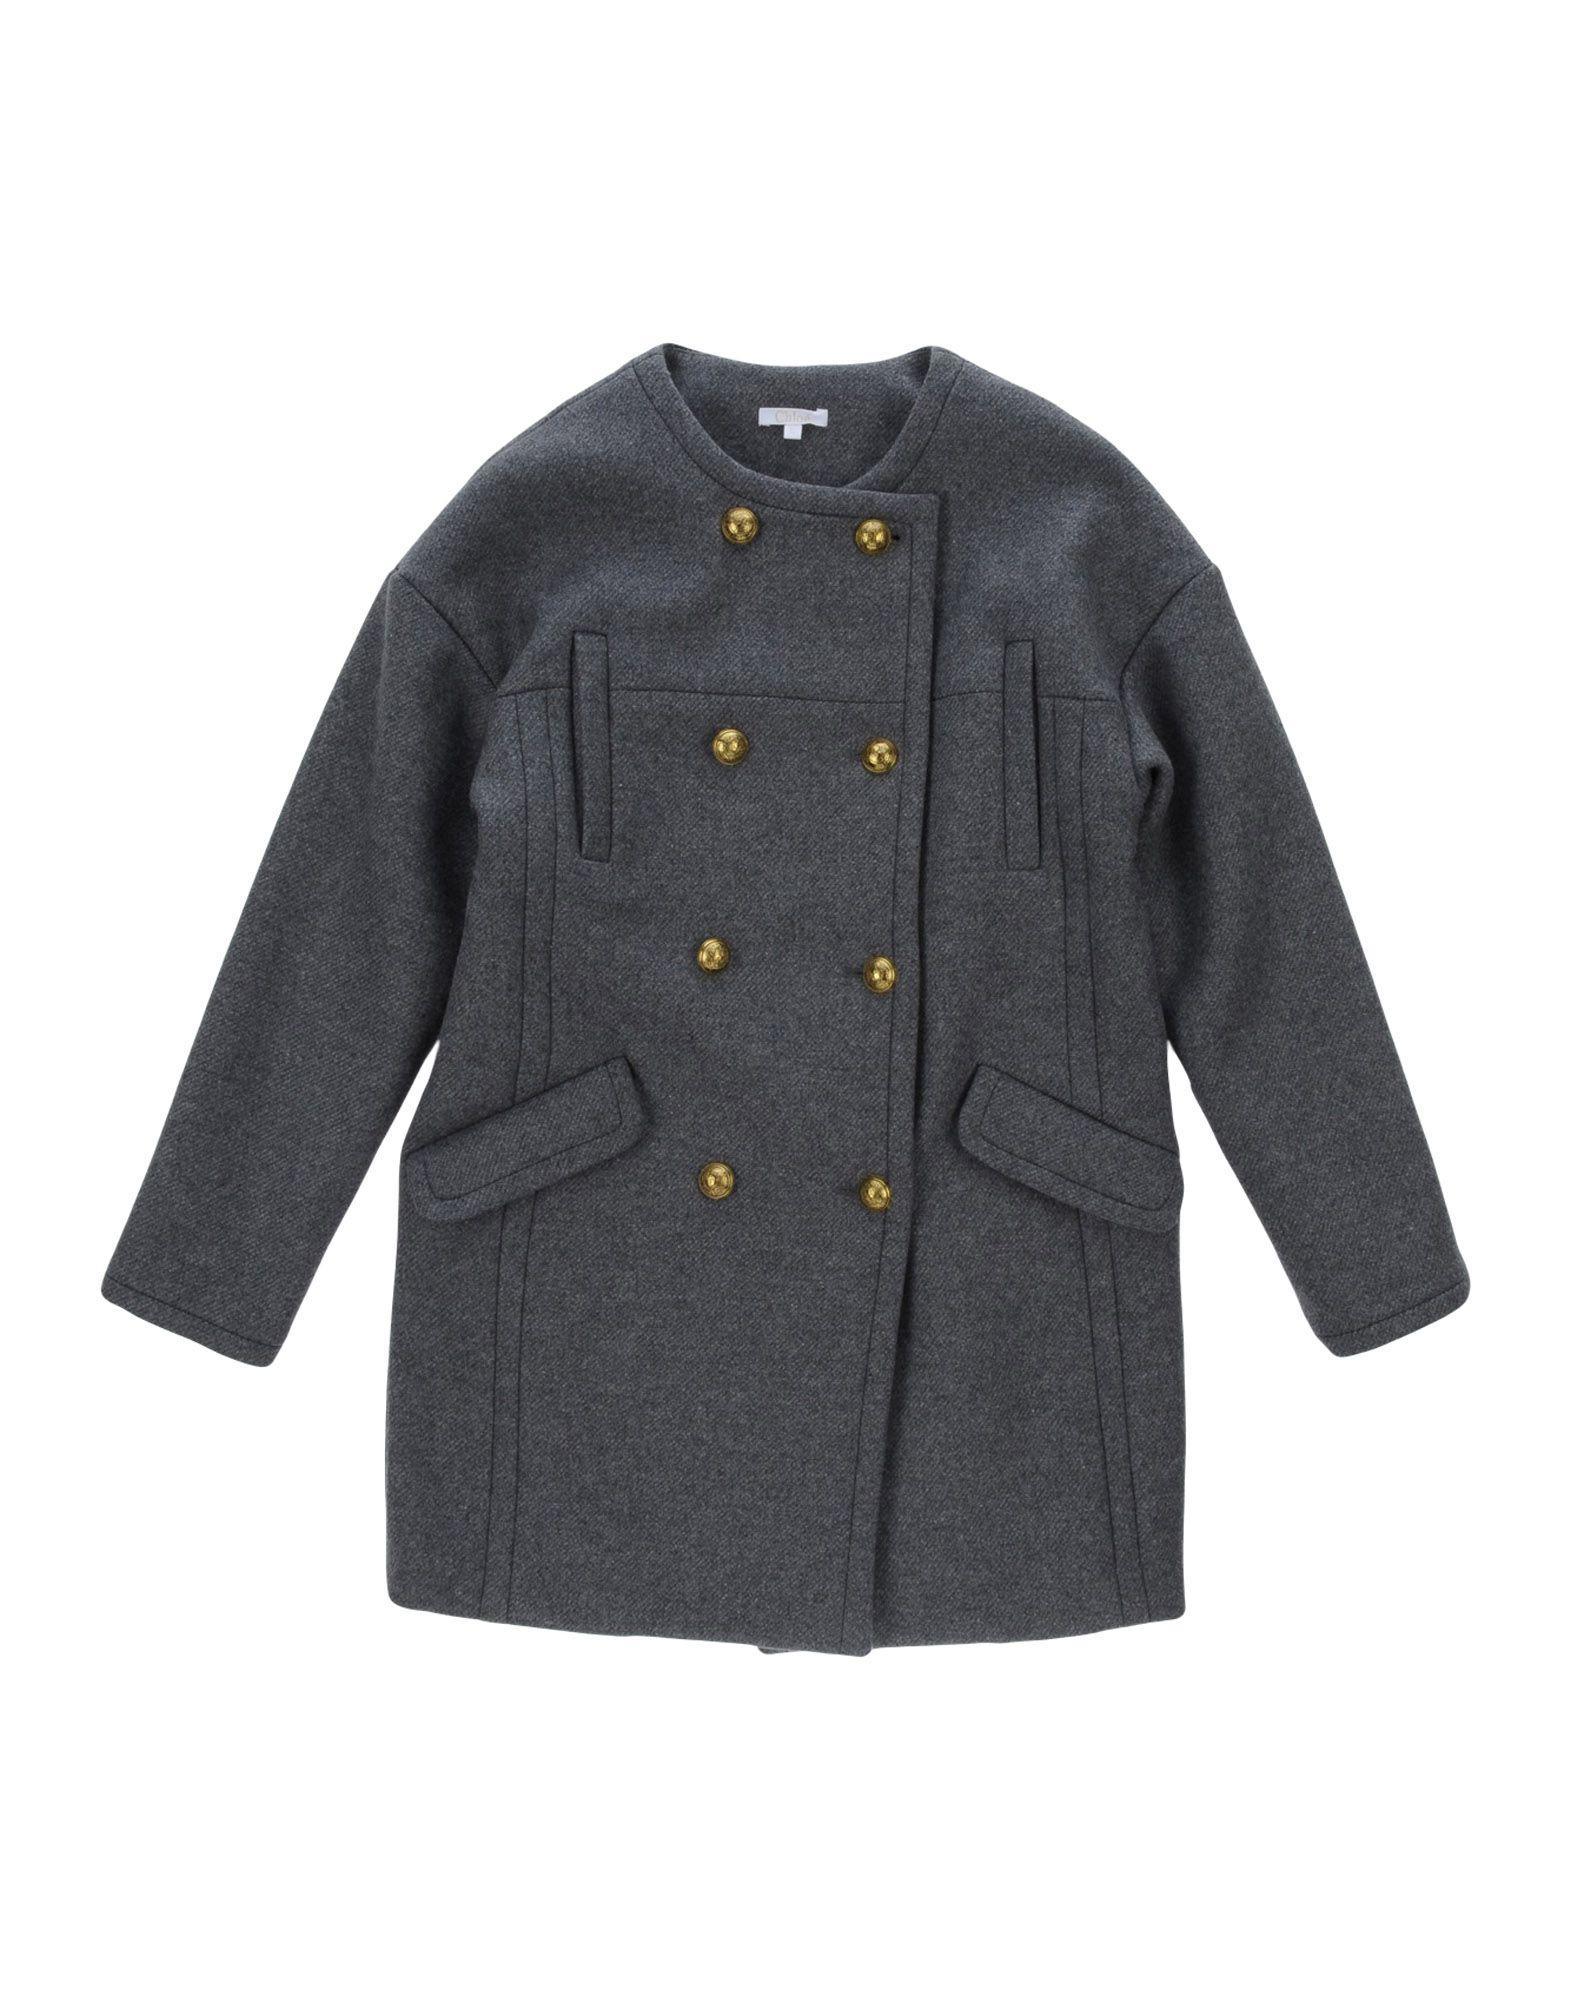 ChloÉ Coat In Grey